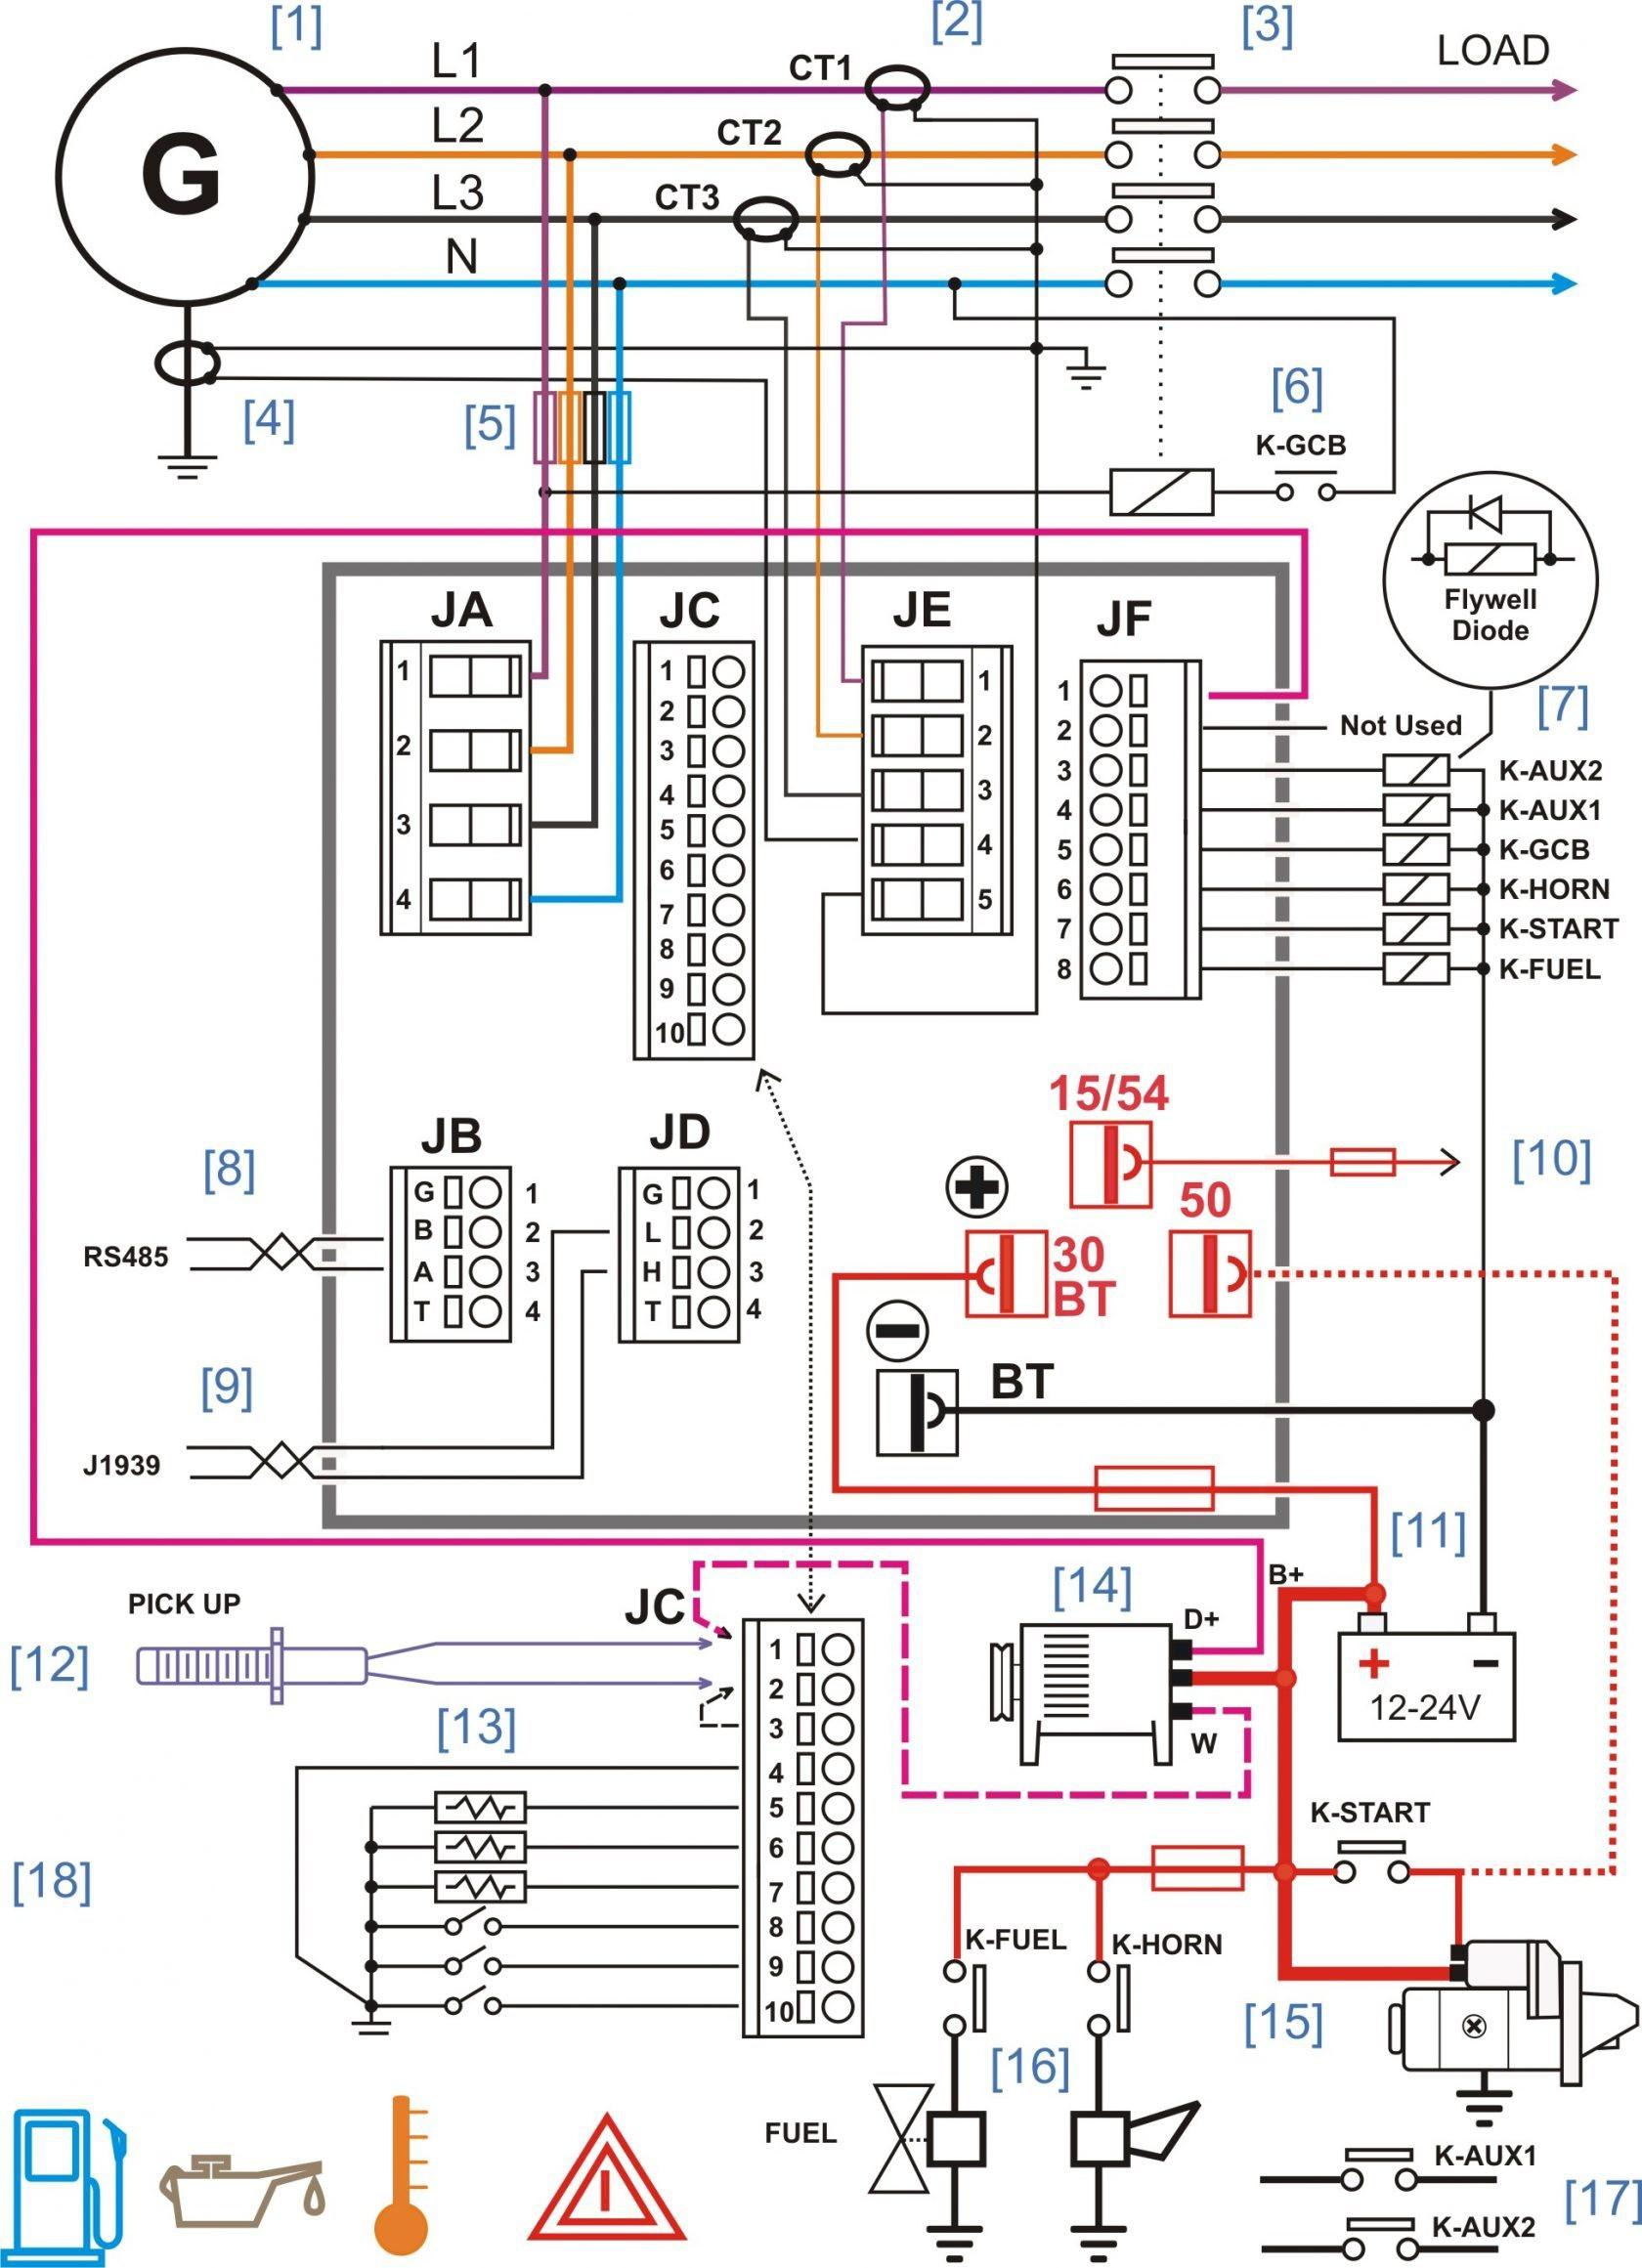 Simple Electrical Circuit Diagram Unique Electrical Wiring Diagrams for Dummies Wiring Diagram